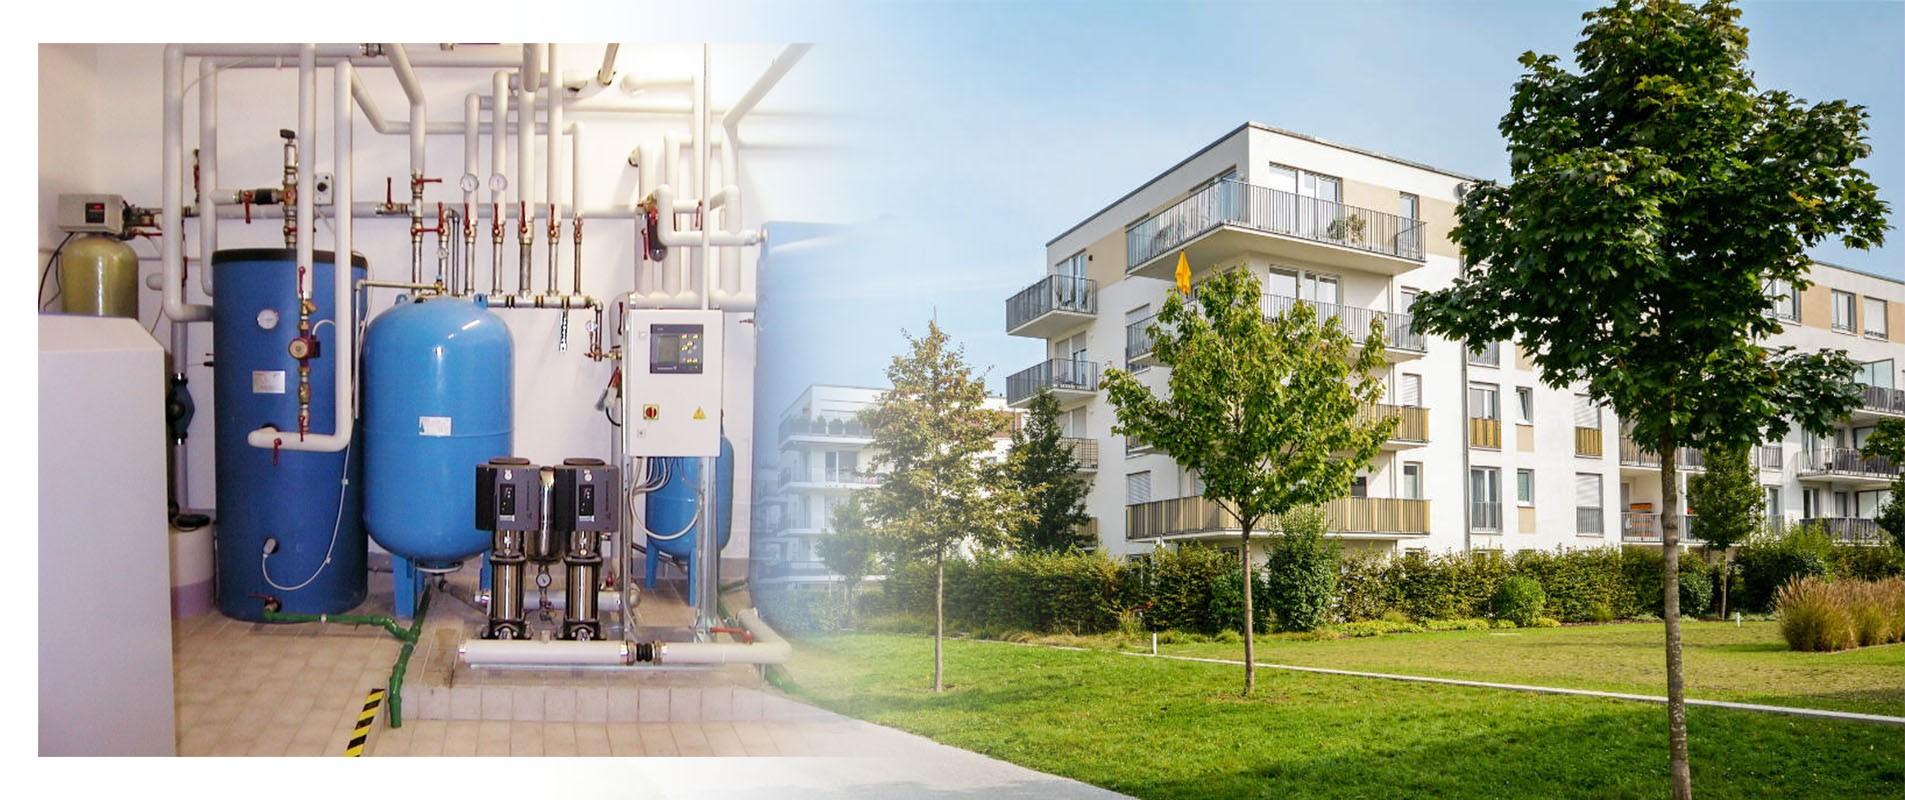 Come sono ripartite le spese per una riparazione della caldaia condominiale?